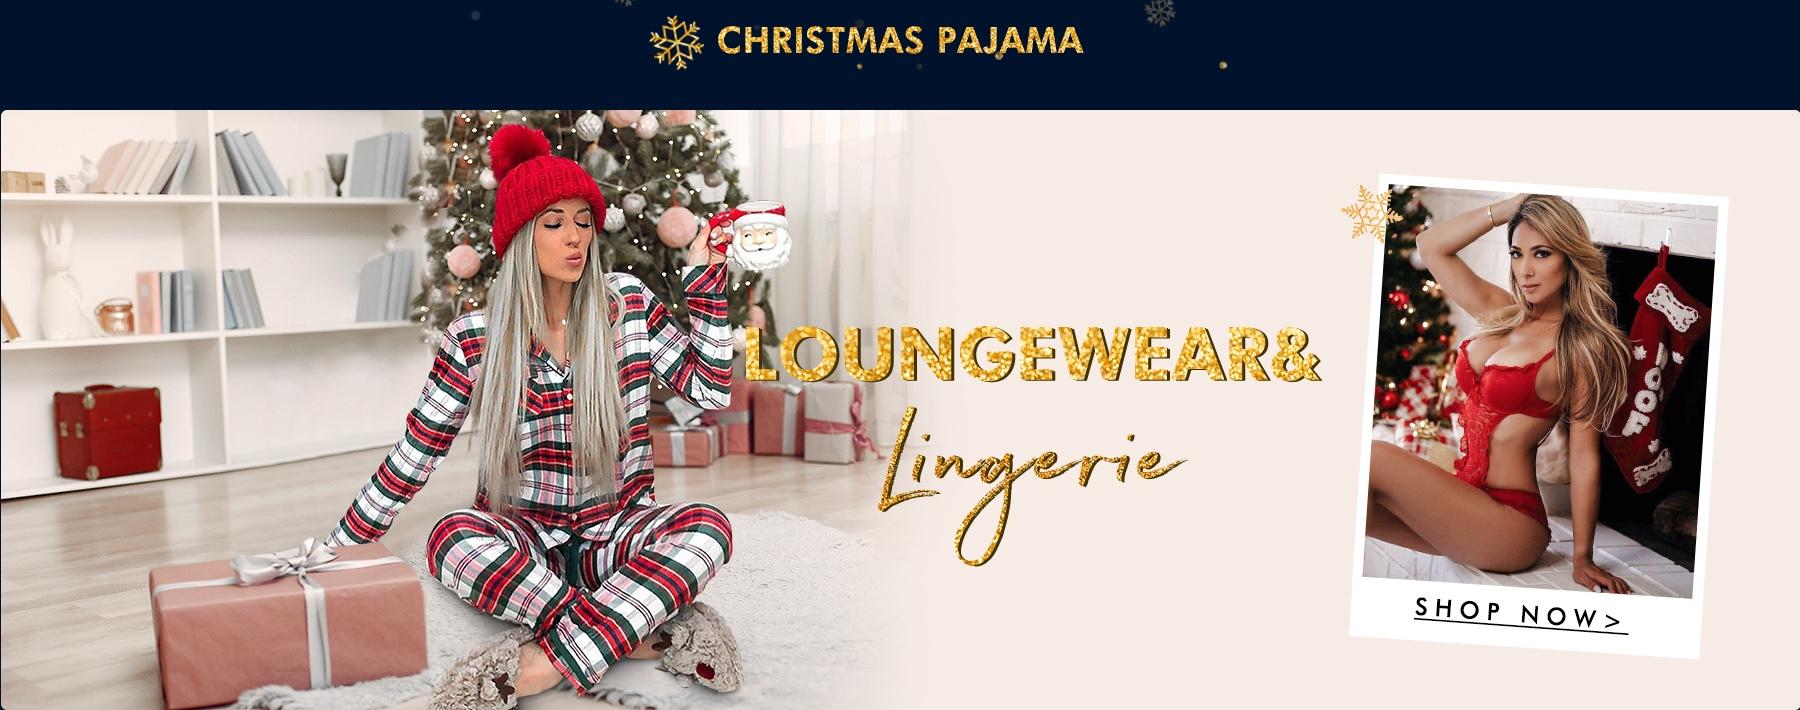 Christmas Pajama